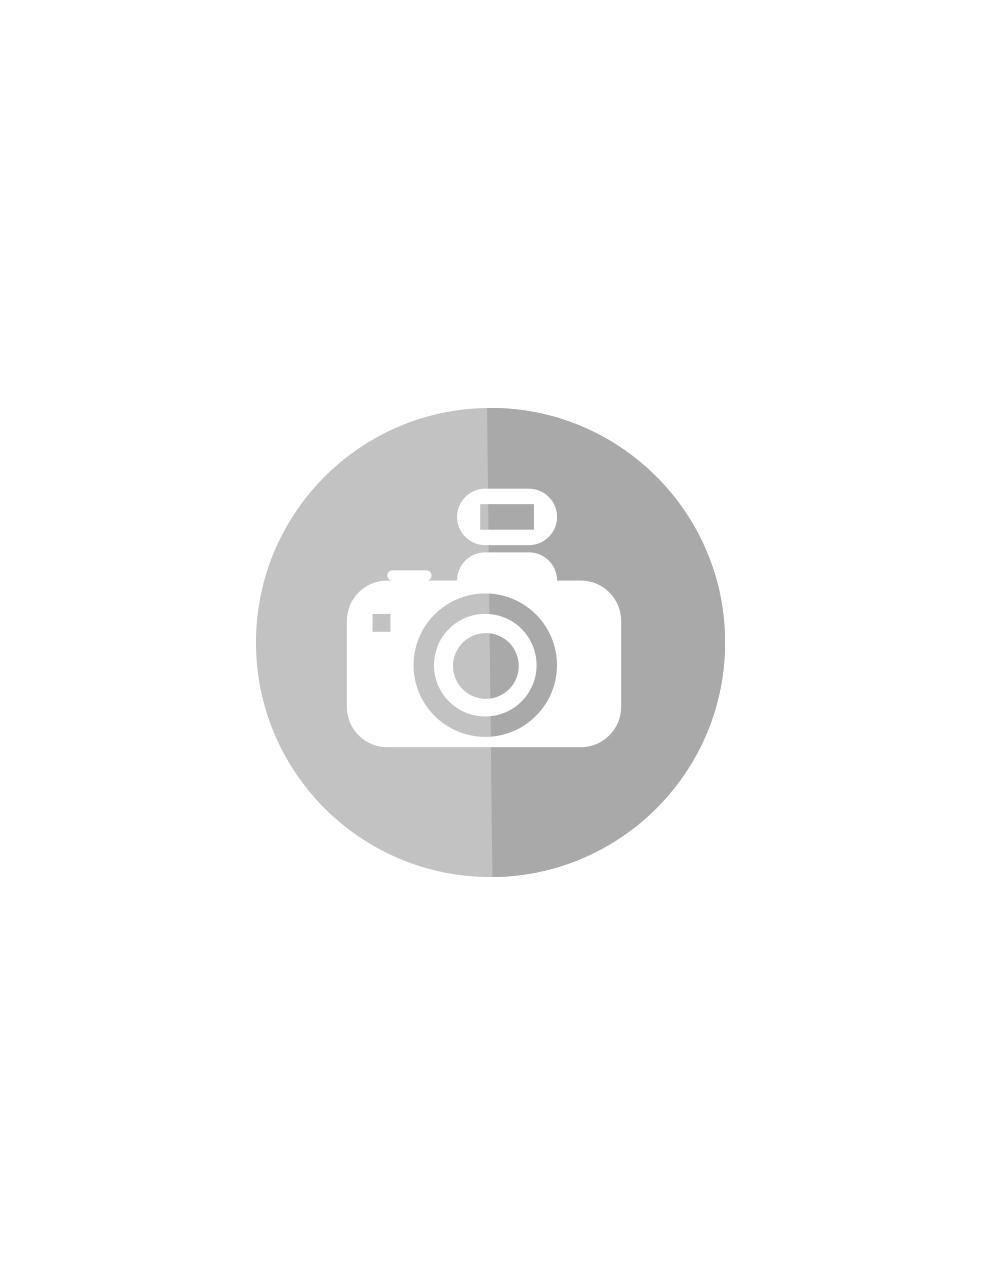 category_image_blue_sunday